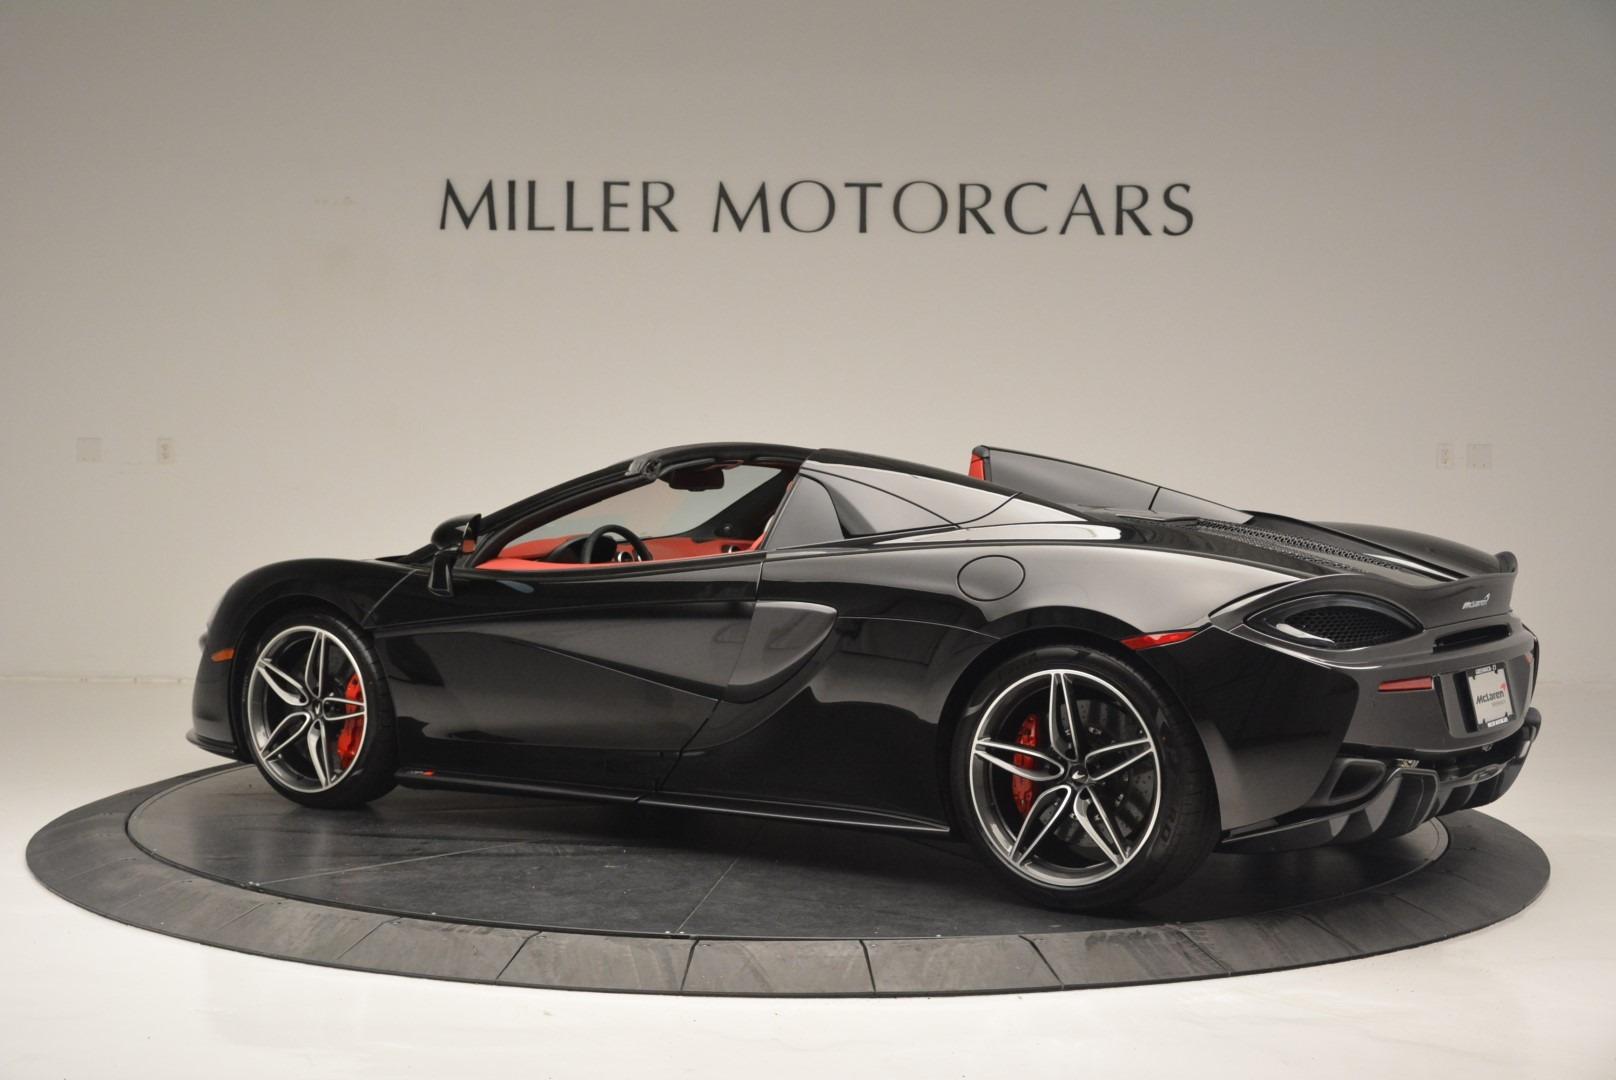 New 2019 McLaren 570S Spider Convertible For Sale In Westport, CT 2522_p4